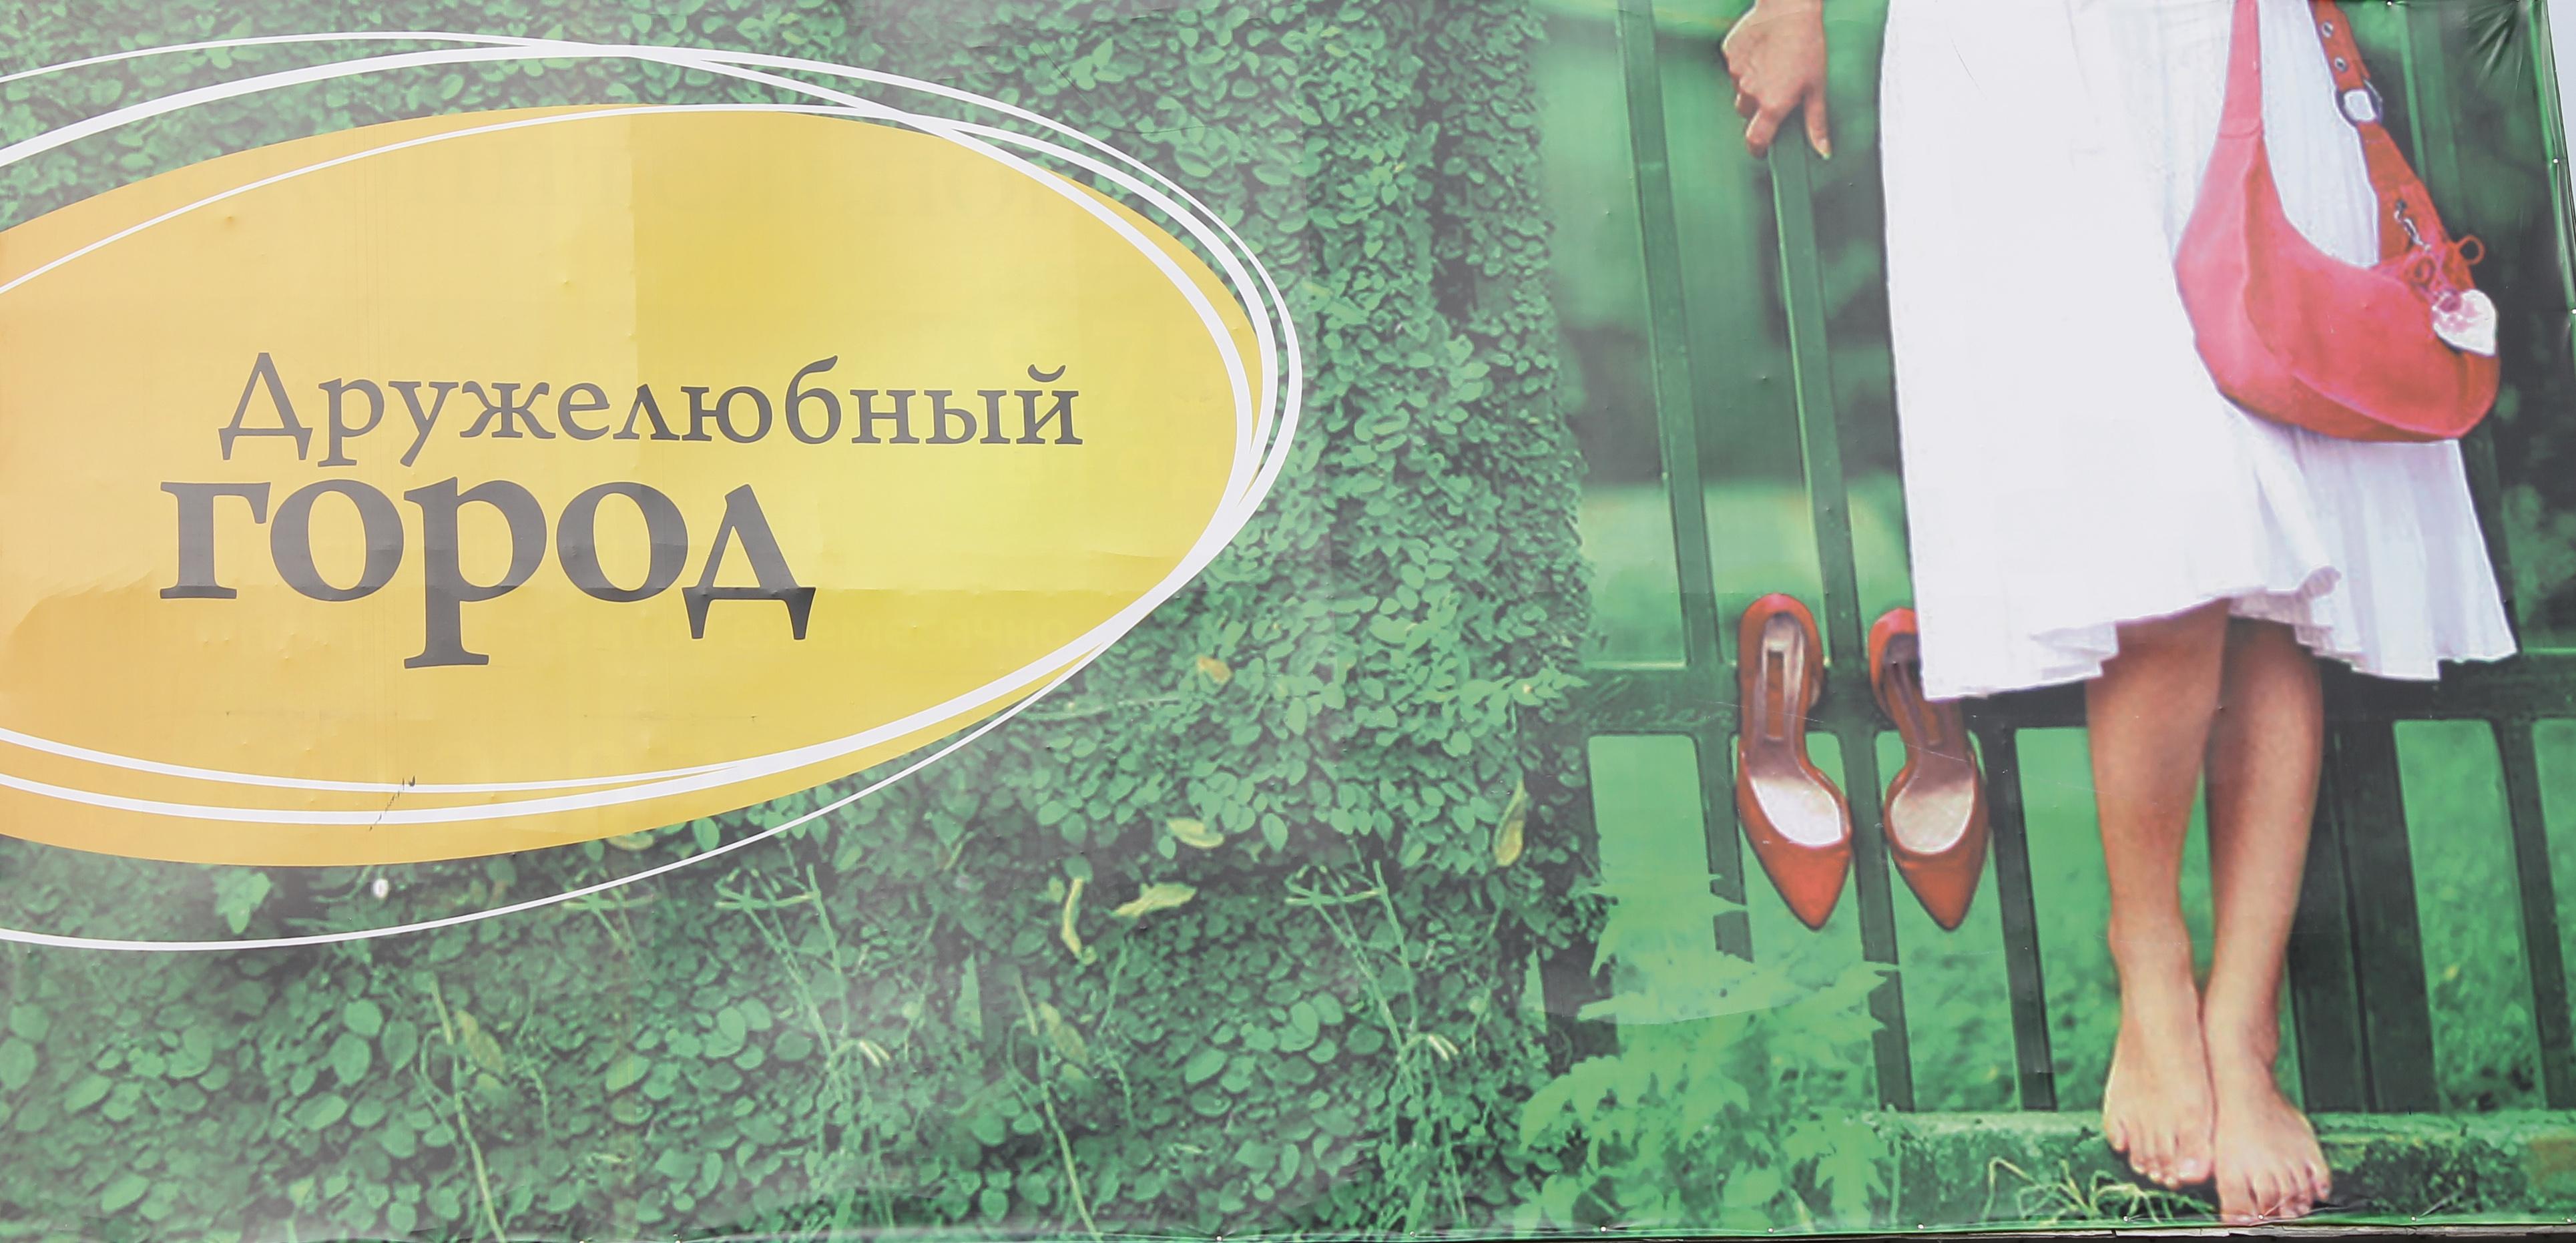 http://s7.uploads.ru/iDZH5.jpg